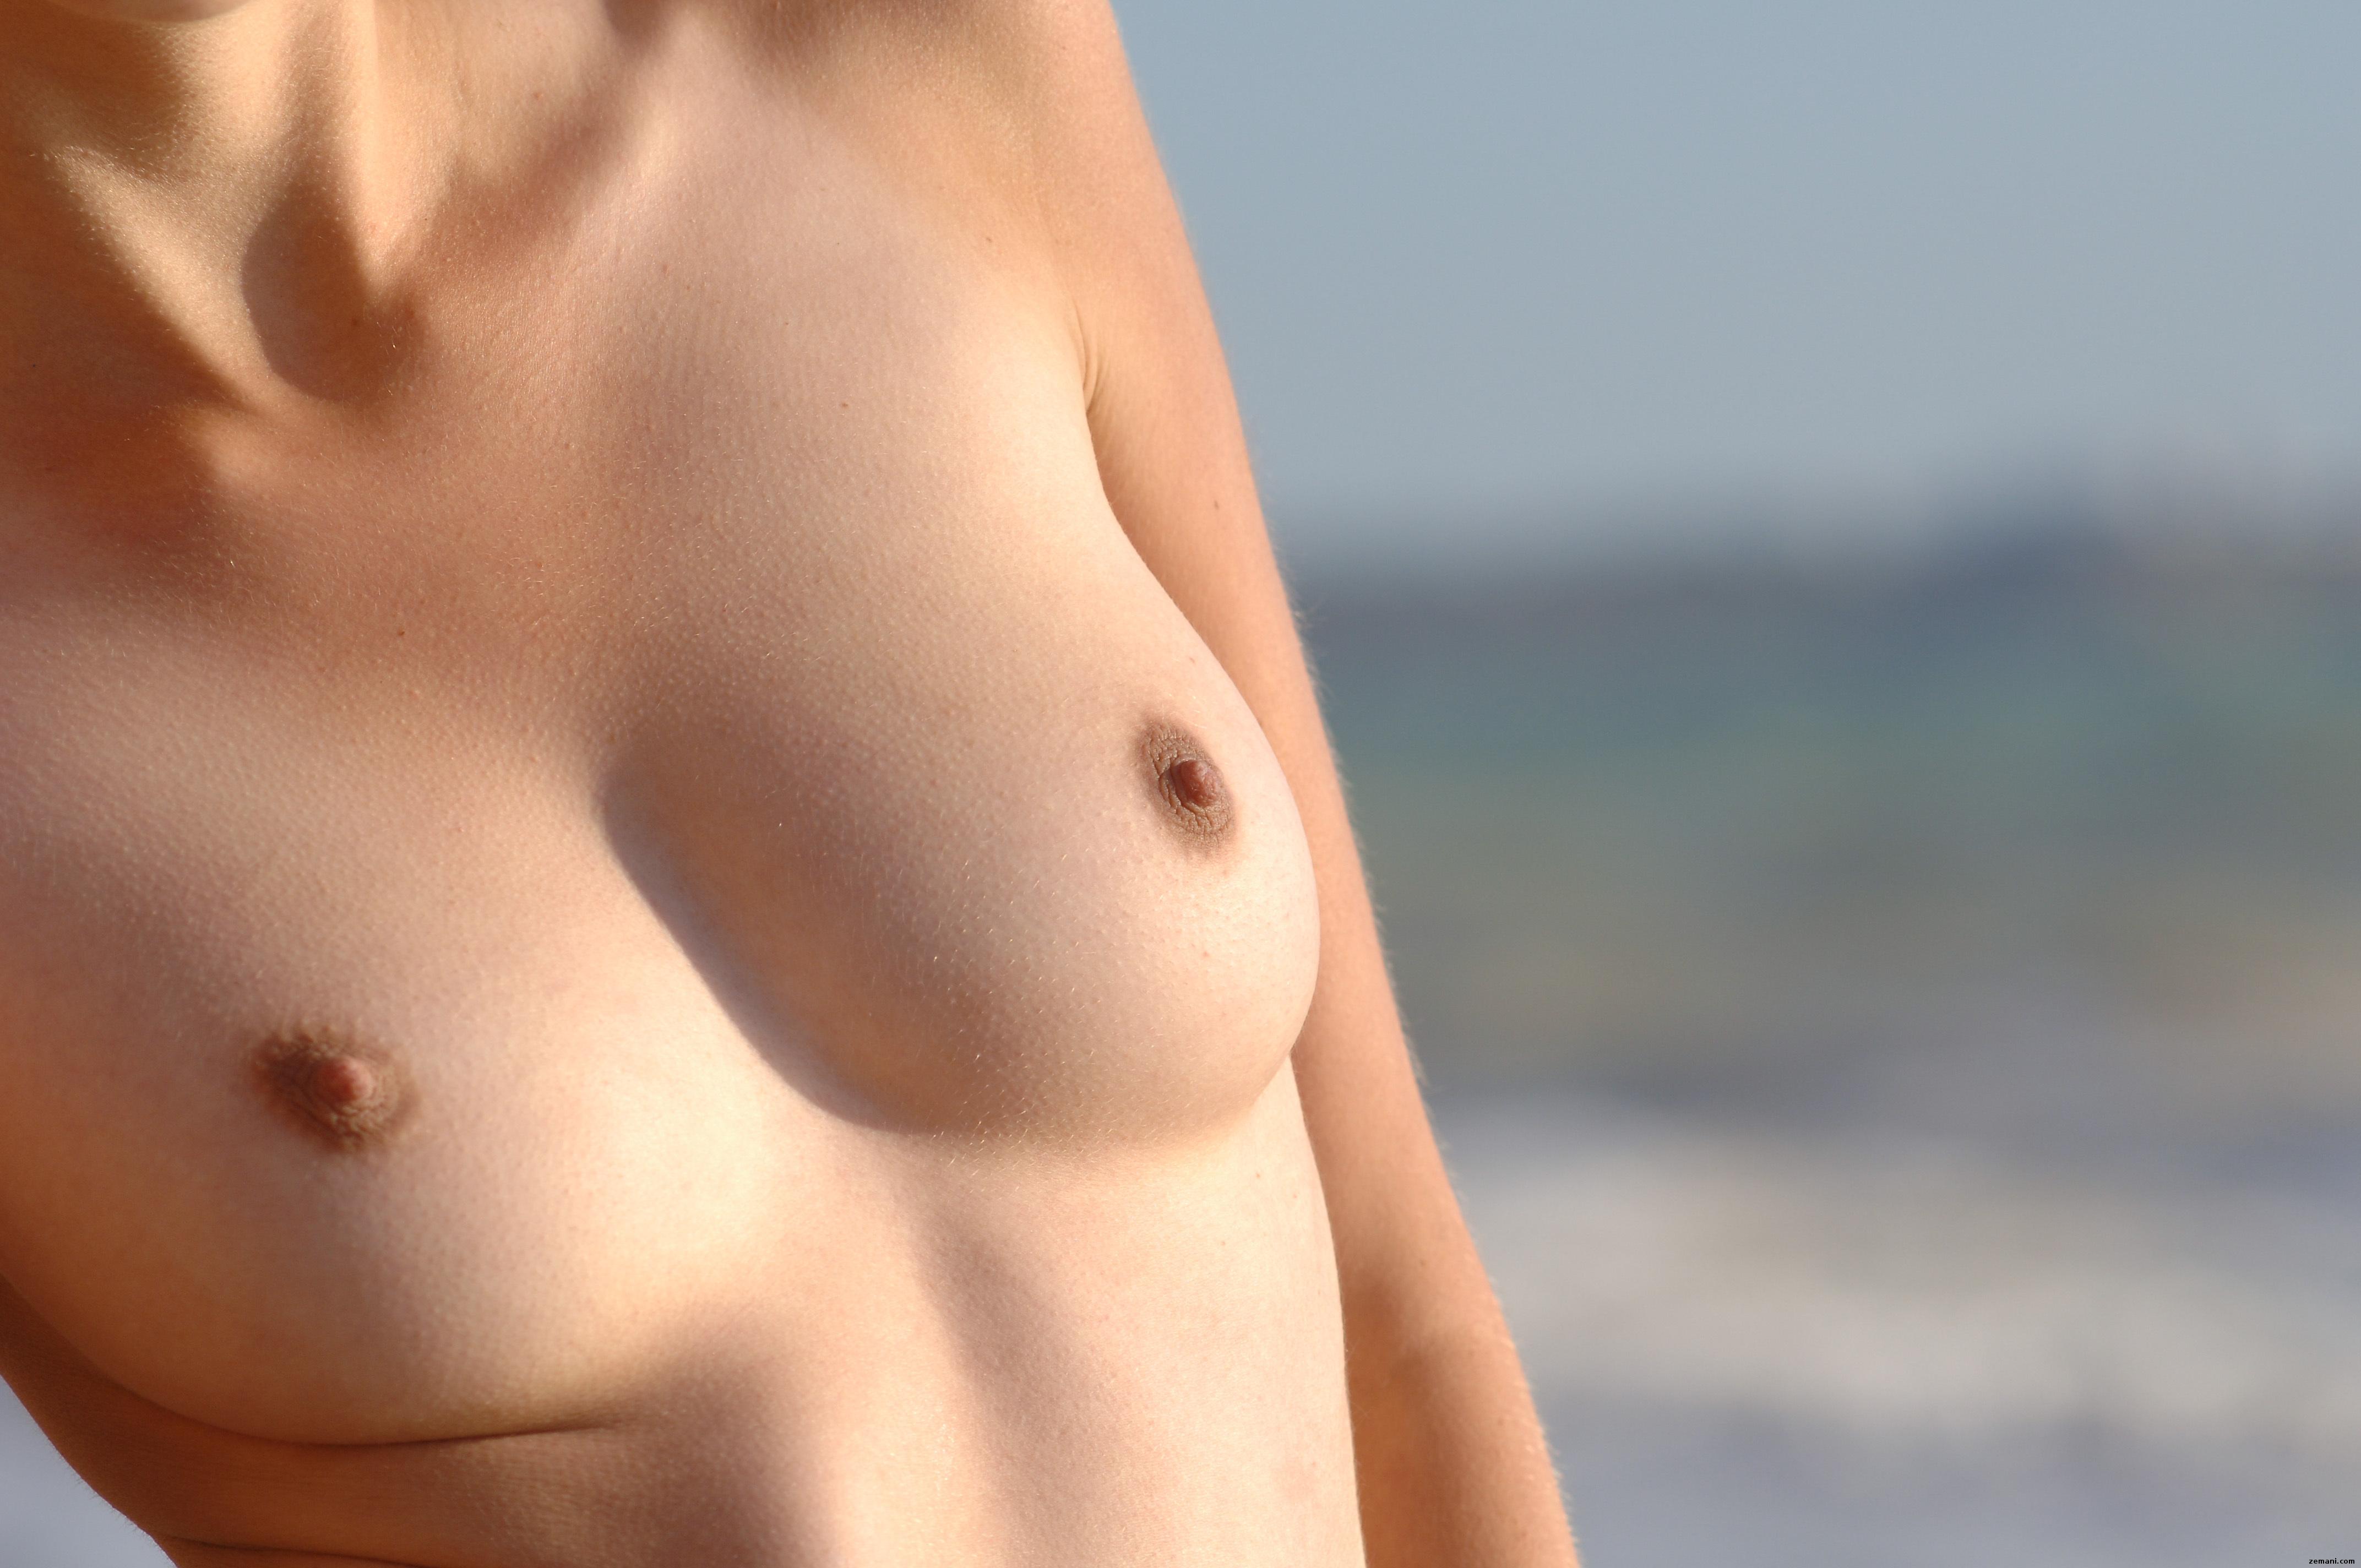 Download free nurse porn videos